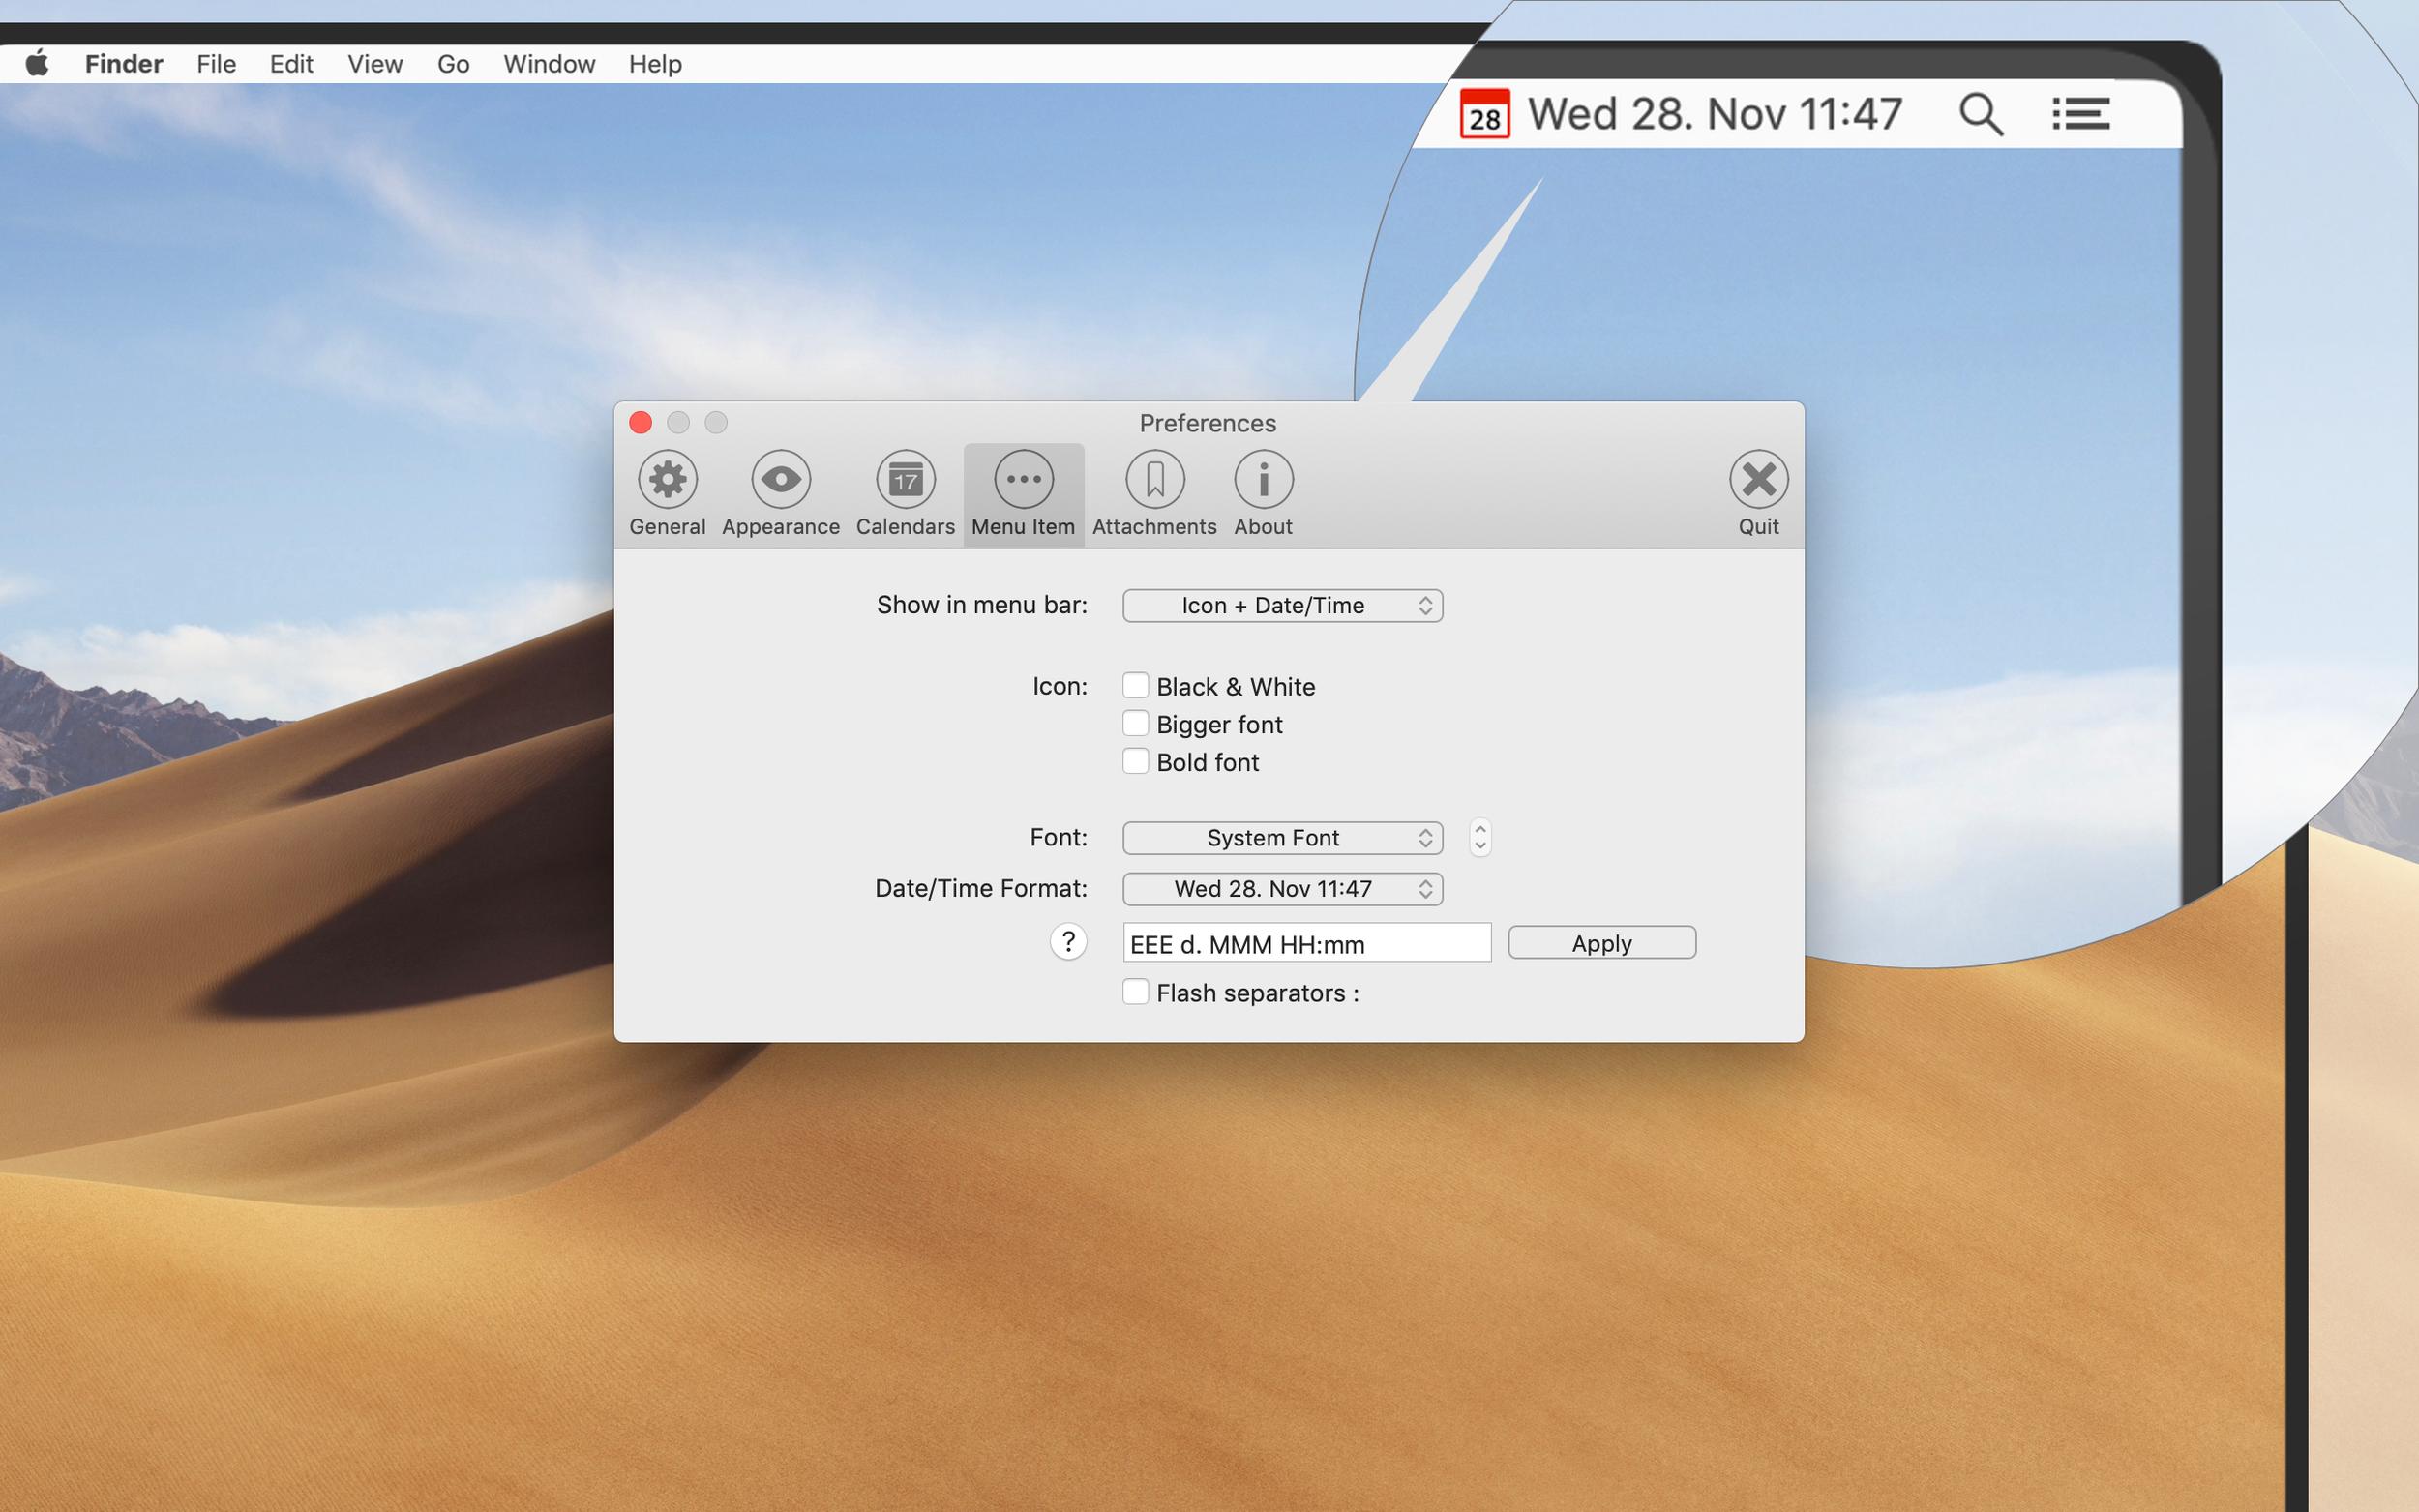 Calendar 366 2 -  - SAC Screenshot (4).png